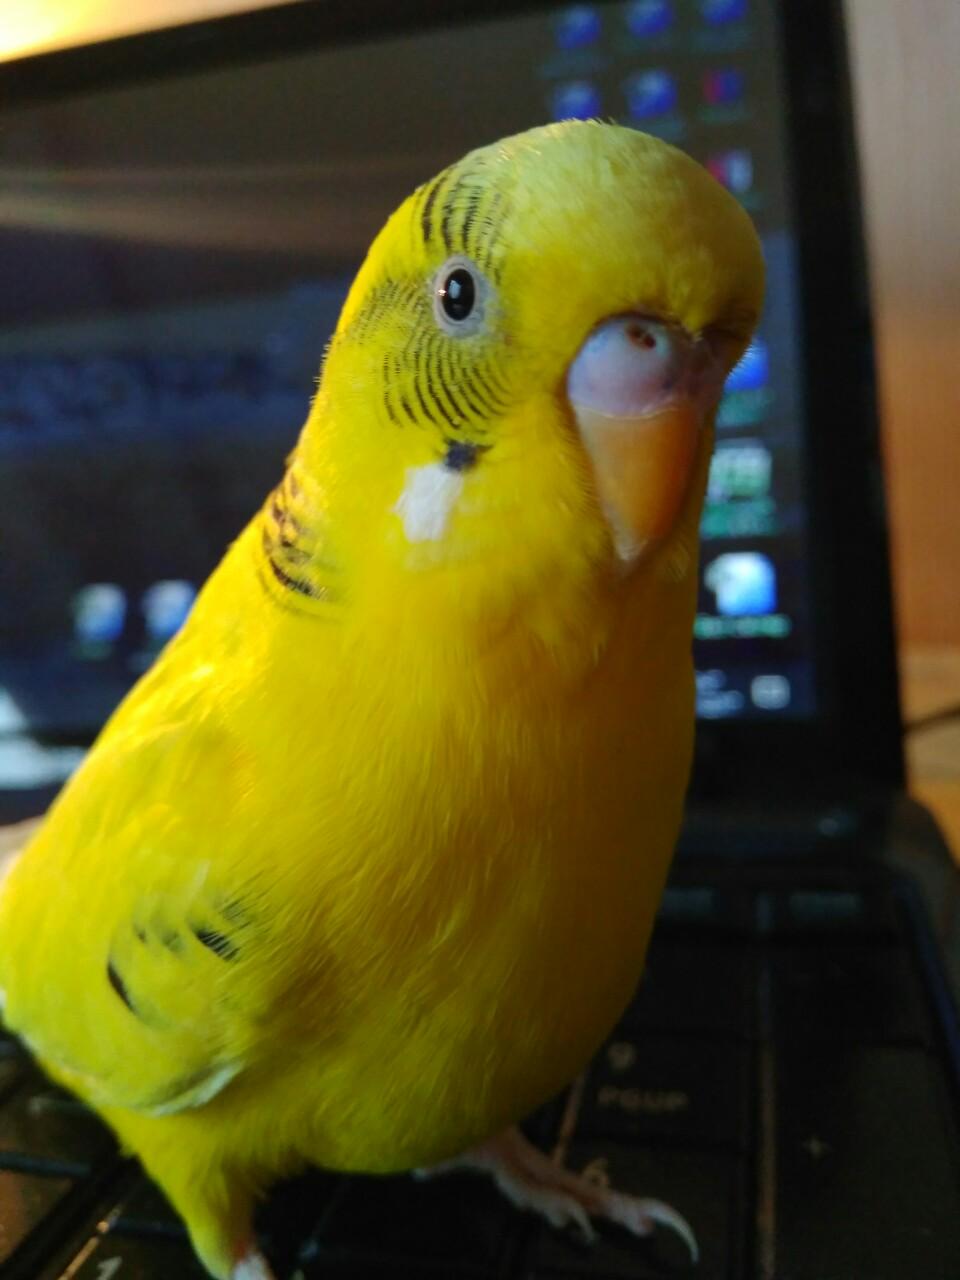 Фото Если Вы едите в командировку или отпуск и Вас долго не будет дома, а птичек оставить не с кем, то смело обращайтесь! Обязуюсь поить, кормить, холить, лелеять и любить как родных. Воспитываю желтого волнистого попугая (на фото), поэтому вашей птичке будет не скучно.  Стоимость за 1 птицу за 1 неделю:  мелкая птица (волнистик, неразлучник, амадин, канарейка)- 100грн + корм.,  средняя птица (корелла) - 150грн + корм.  Все птицы должны быть здоровы и принимаются только в своих клетках.  Заказы принимаются сроком от недели и дольше.  Содержание в условиях городской квартиры.  г.Киев, район Авторынка (что на бул.Перова)